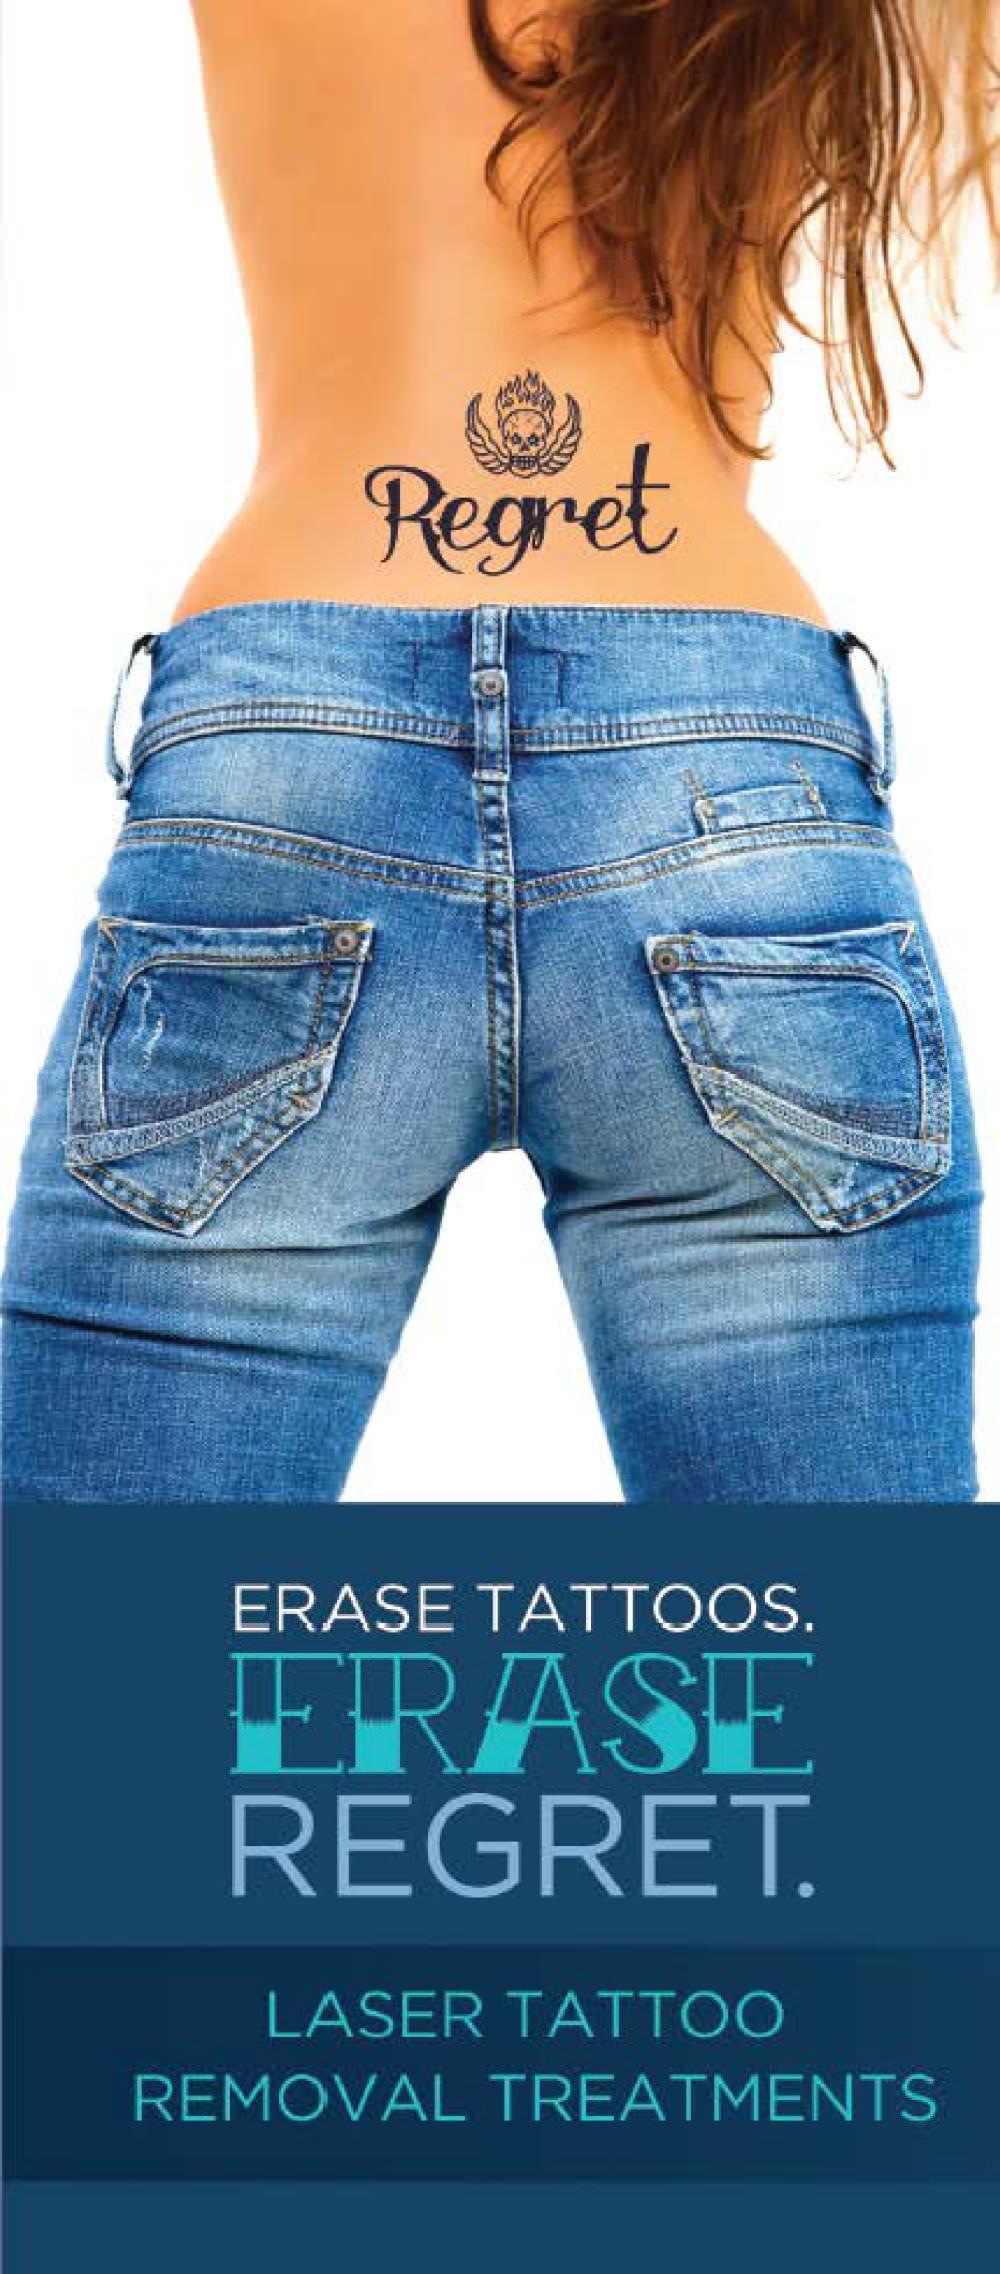 Regret Getting That Tattoo?